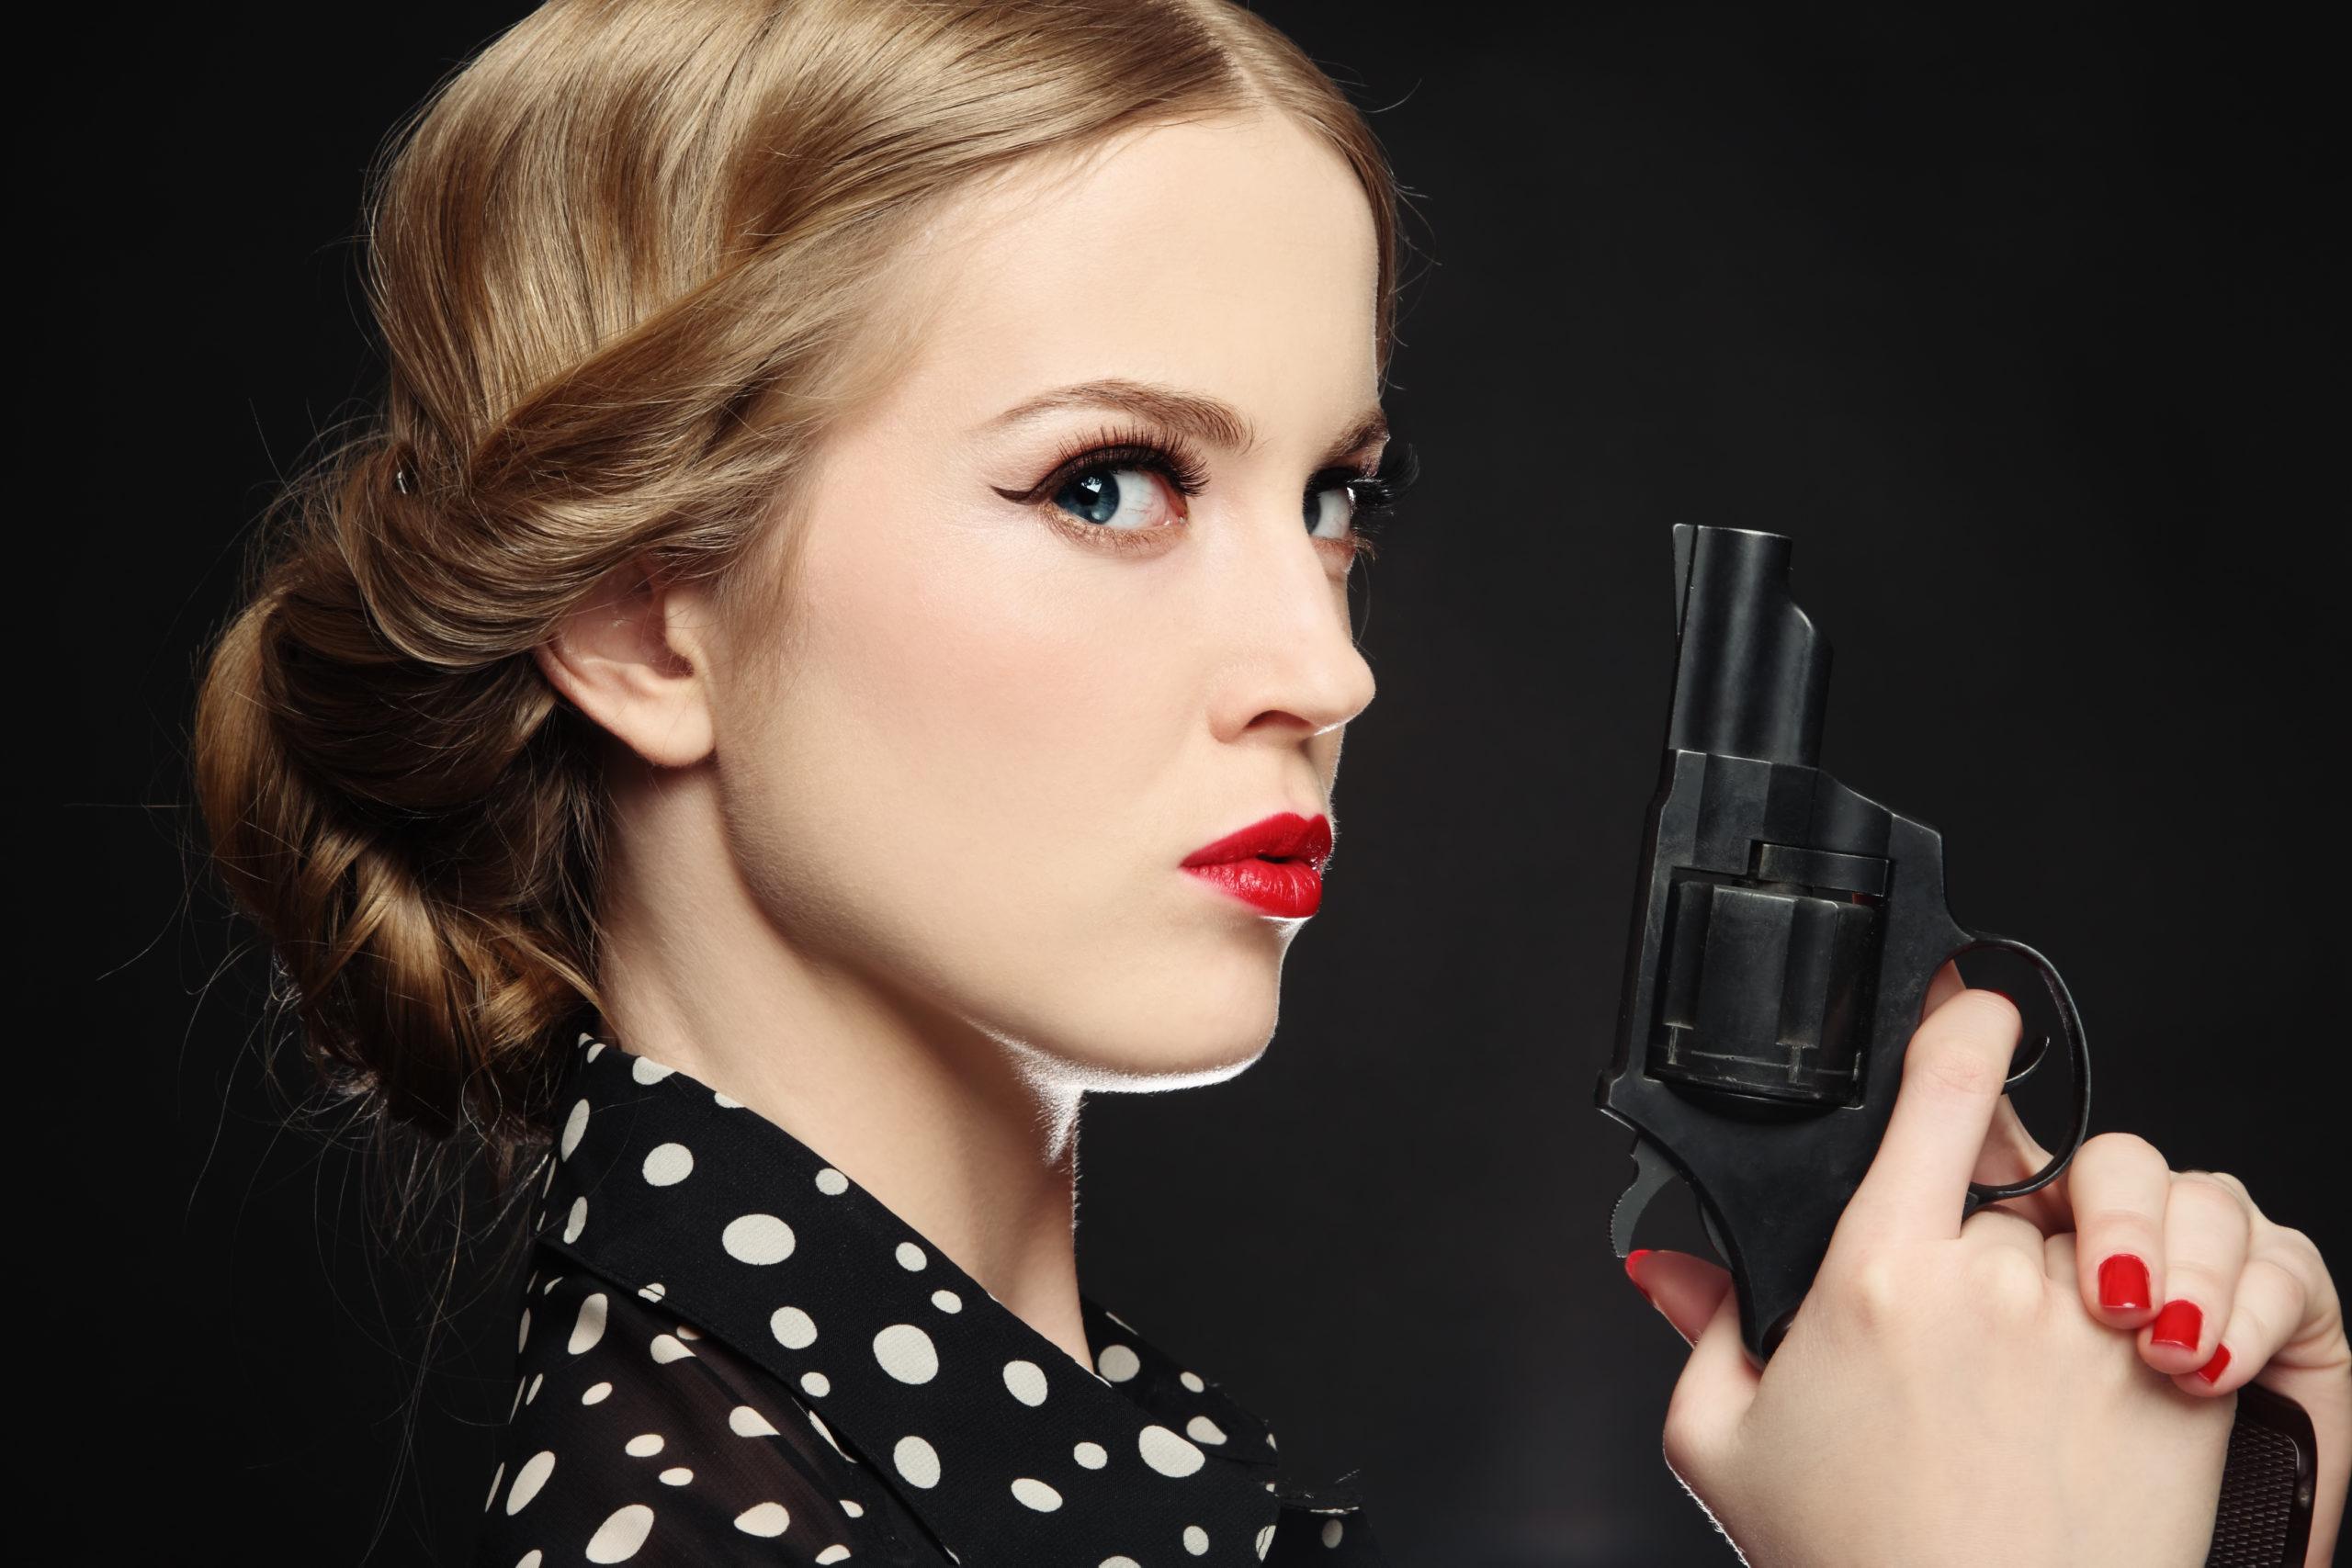 Revolvers guns for women